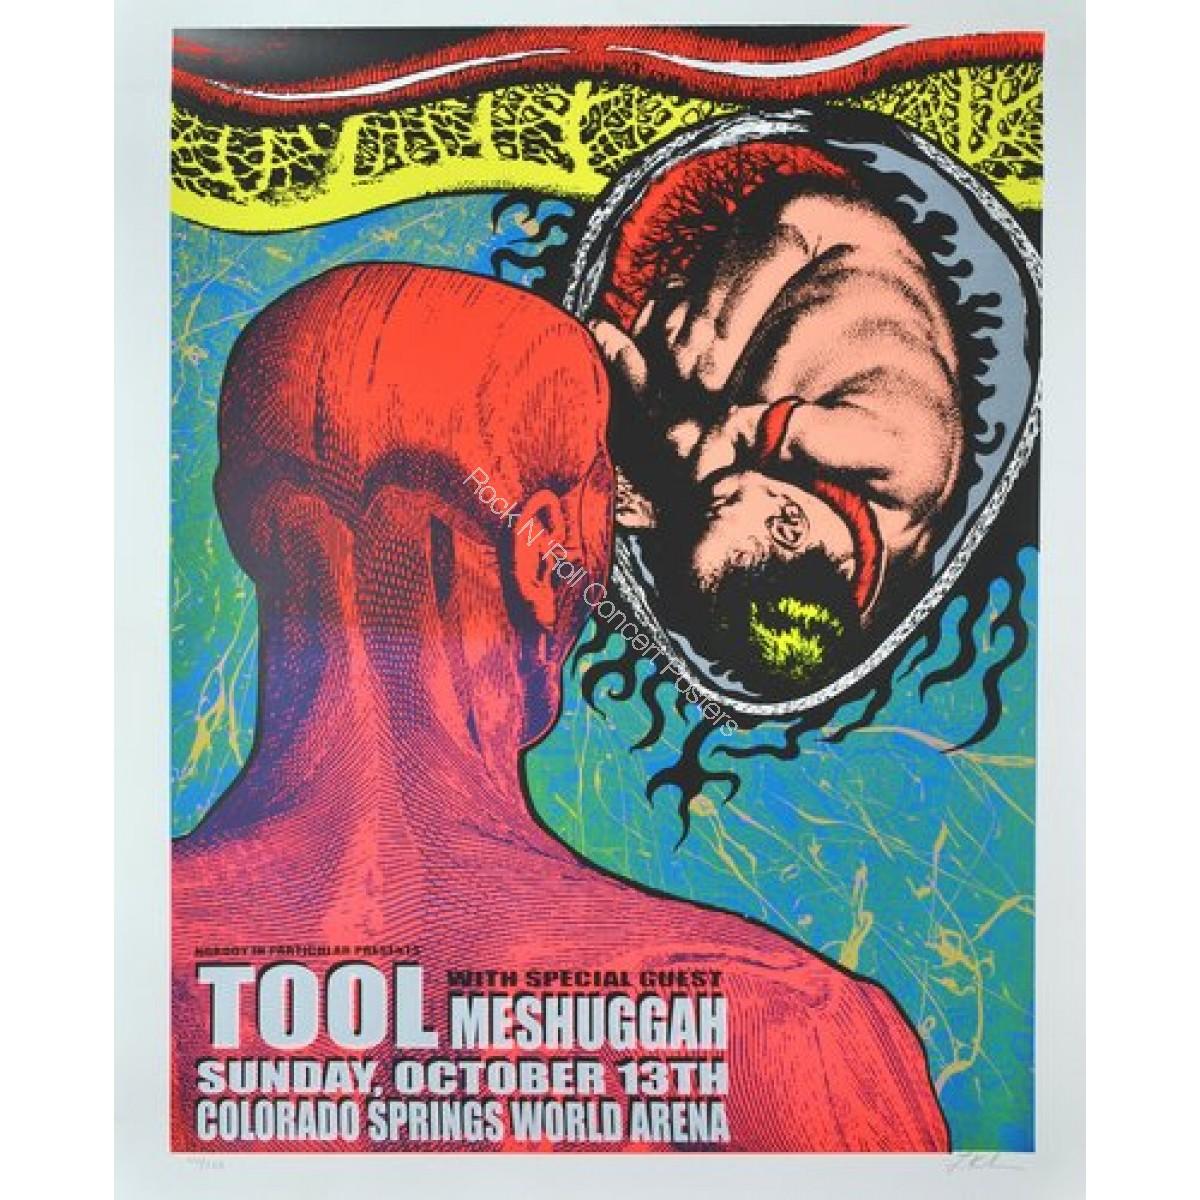 Tool & Messhugah @ The World Arena Colorado Spring Colorado 10/13/02